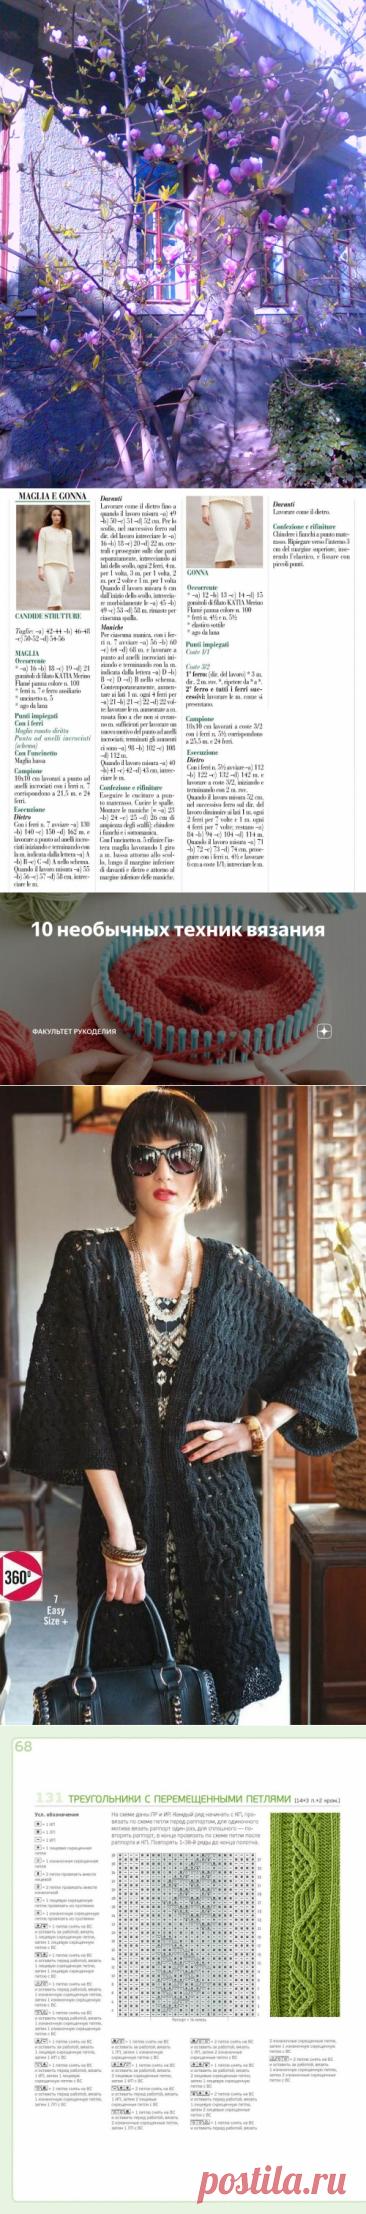 вязание спицами | Анатолия Антониди-Матвеева | Простые схемы. Экономим время на Постиле